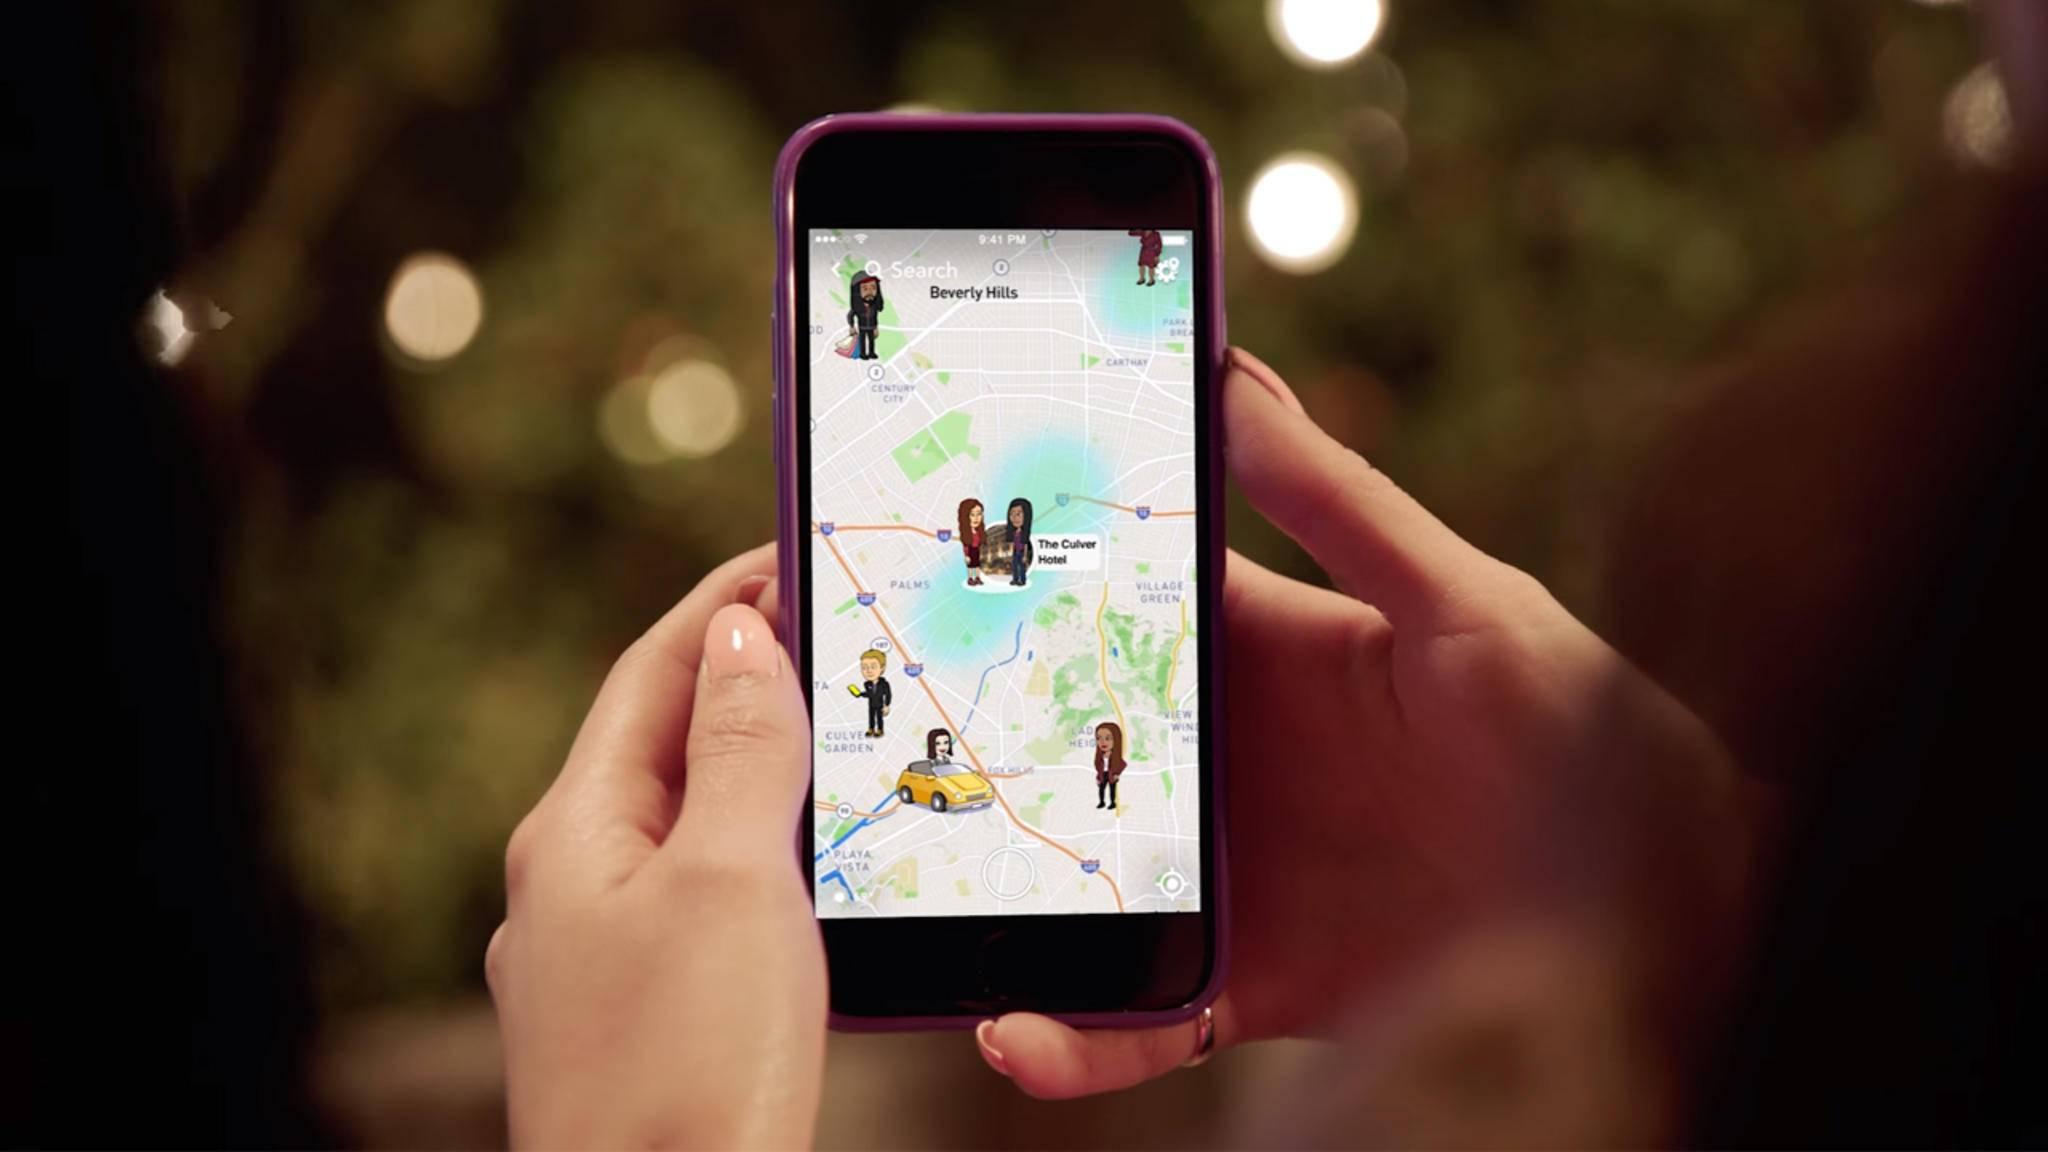 Snapchat führt eine neue Funktion zum Teilen von Standorten ein, die nicht ganz so abschreckend wirkt wie die Snap Map.